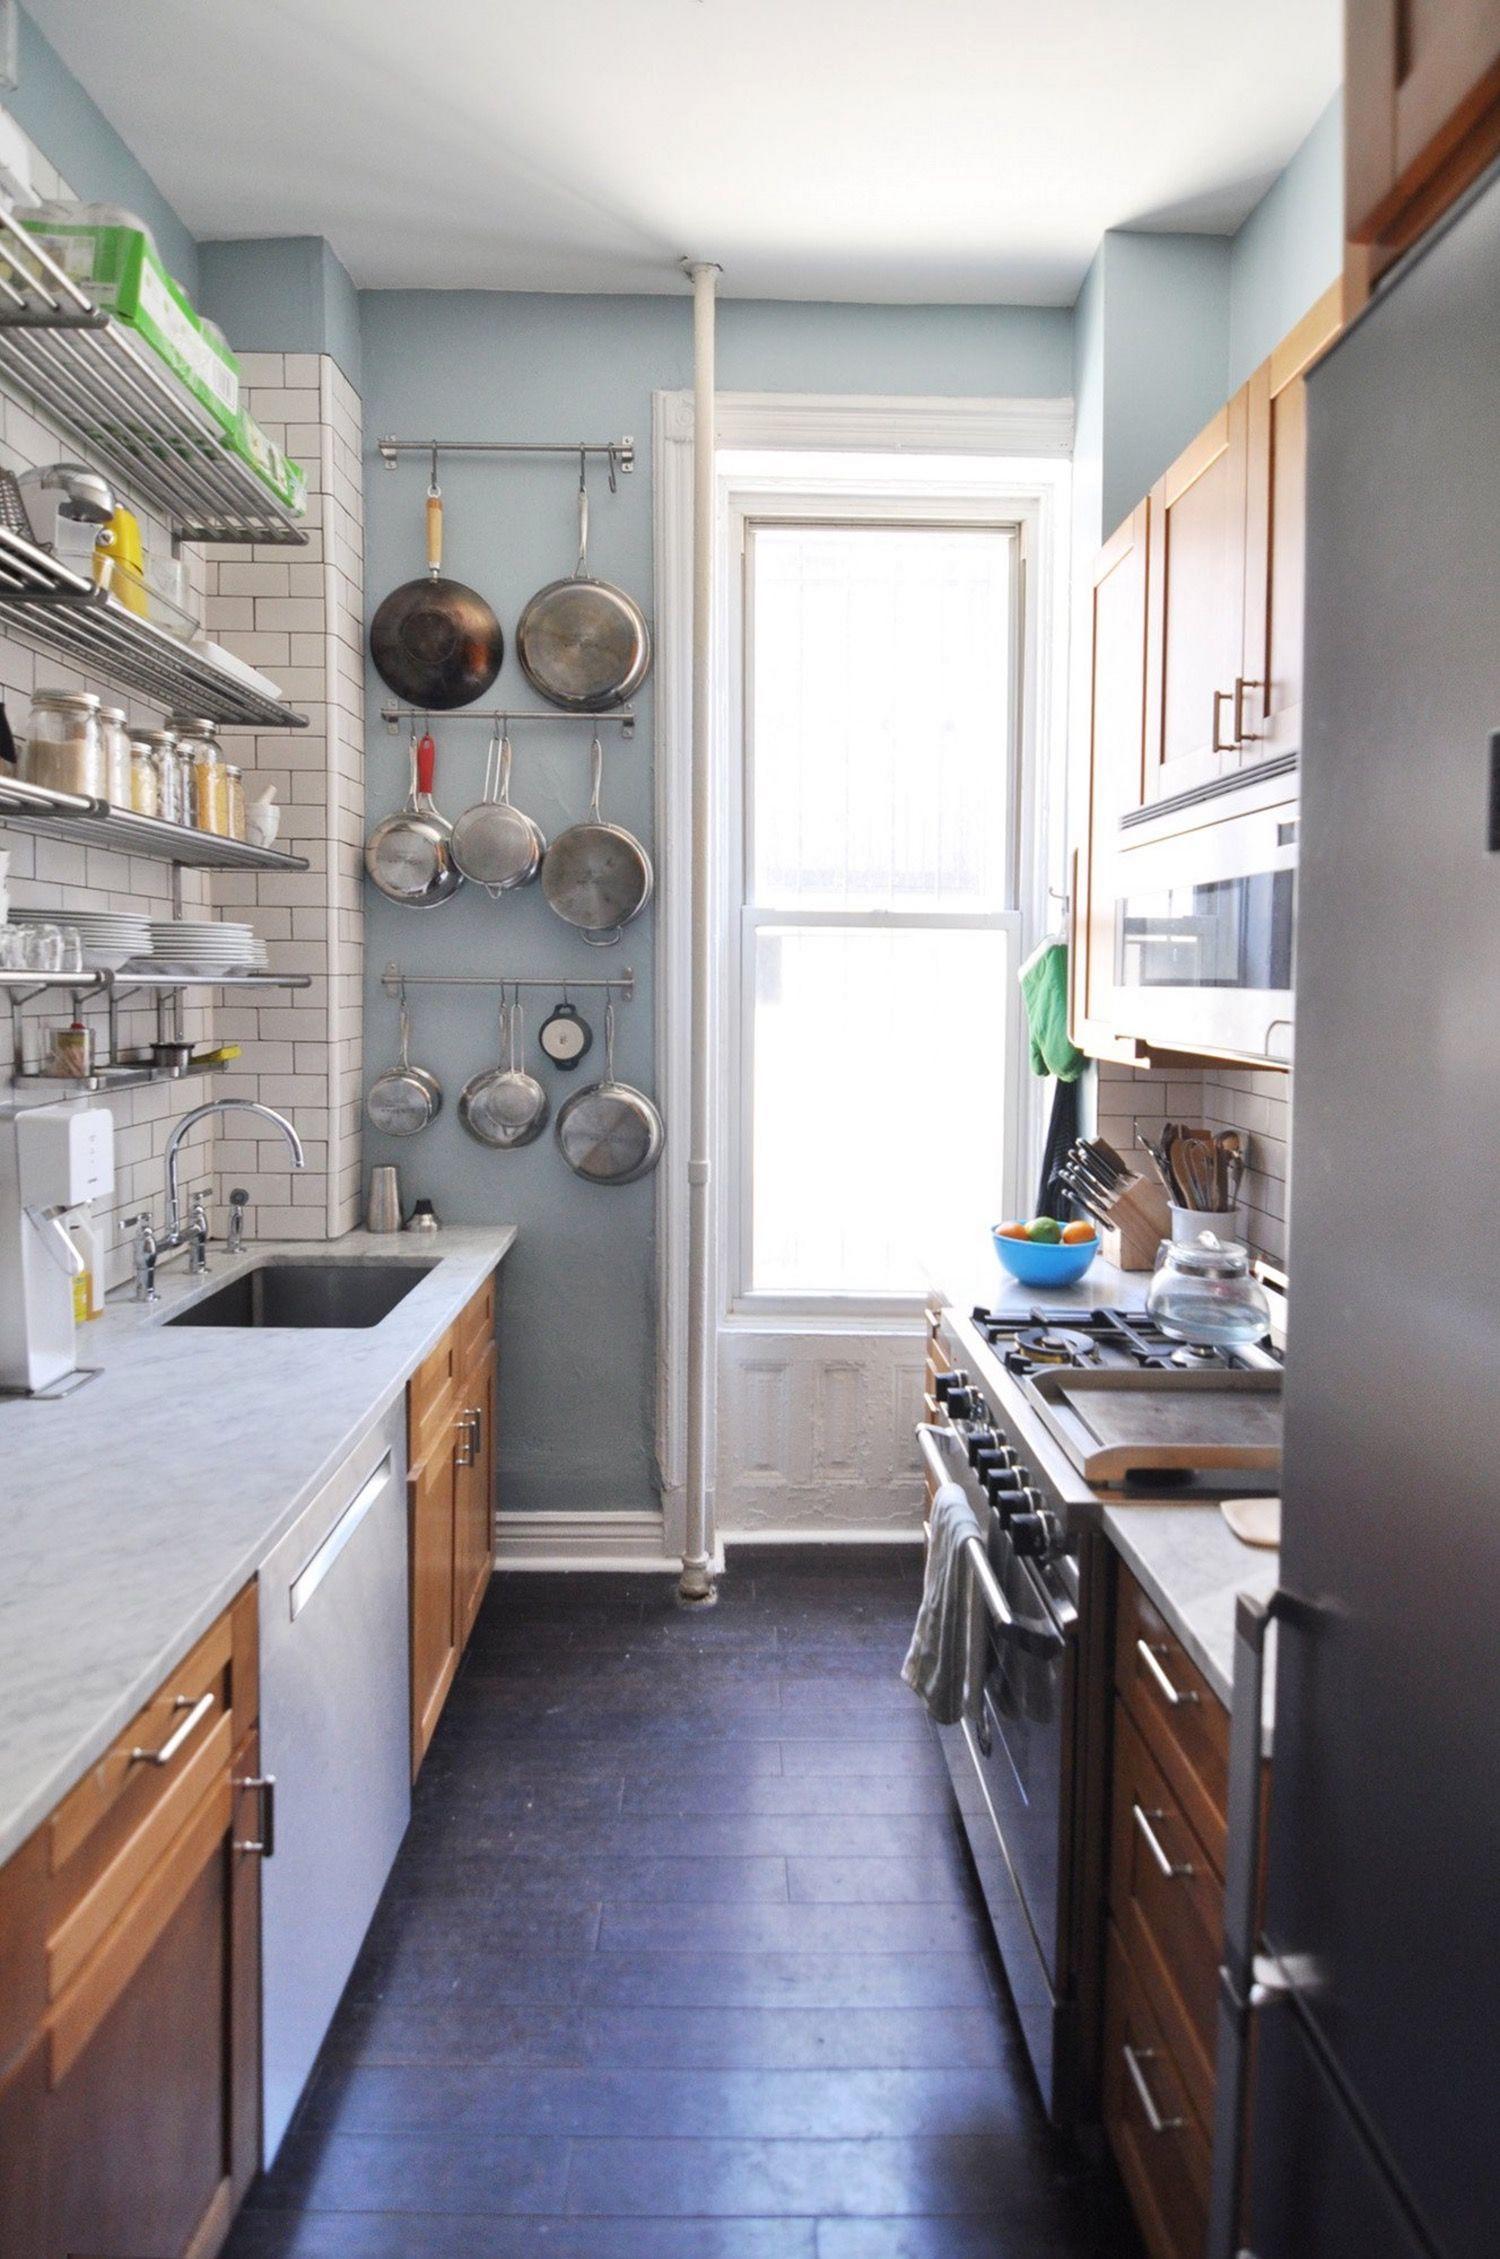 renovasi kabinet dapur dengan gantungan panci dan alat masak